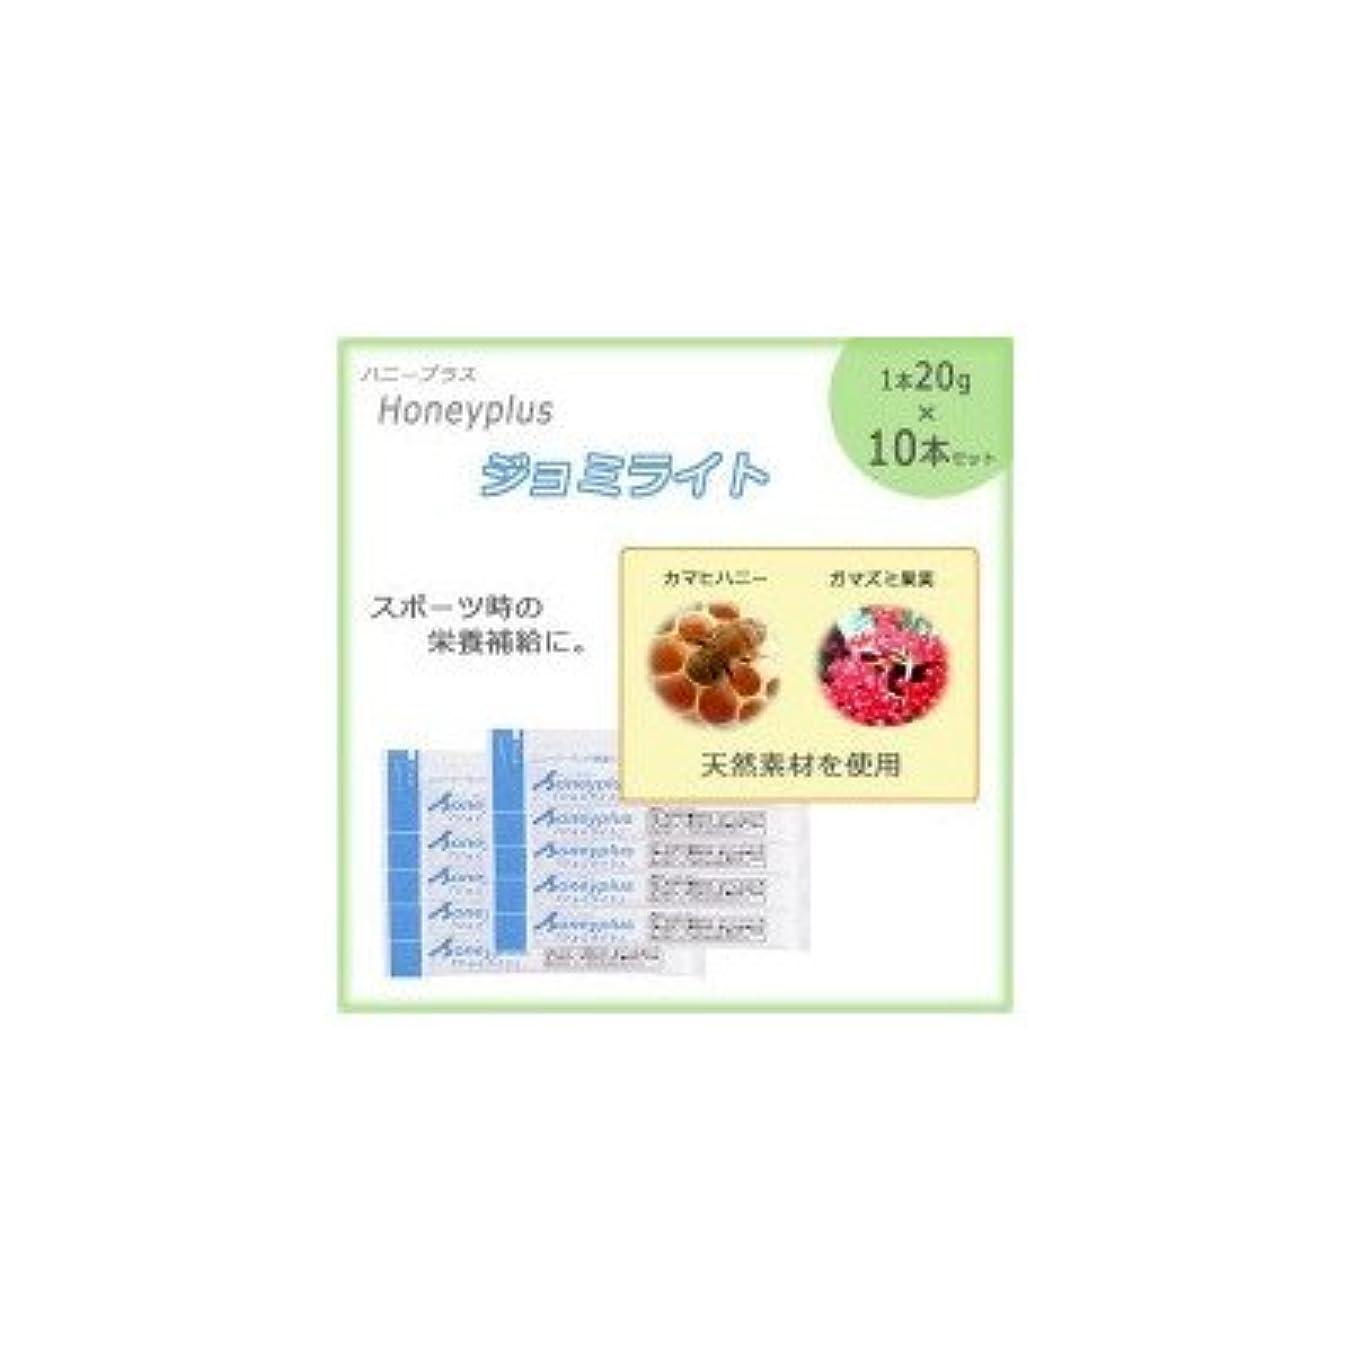 に変わる病院針Honeyplus(ハニープラス) ジョミライト 10本セット 美味しくて飲みやすい 回復系スポーツサプリメント